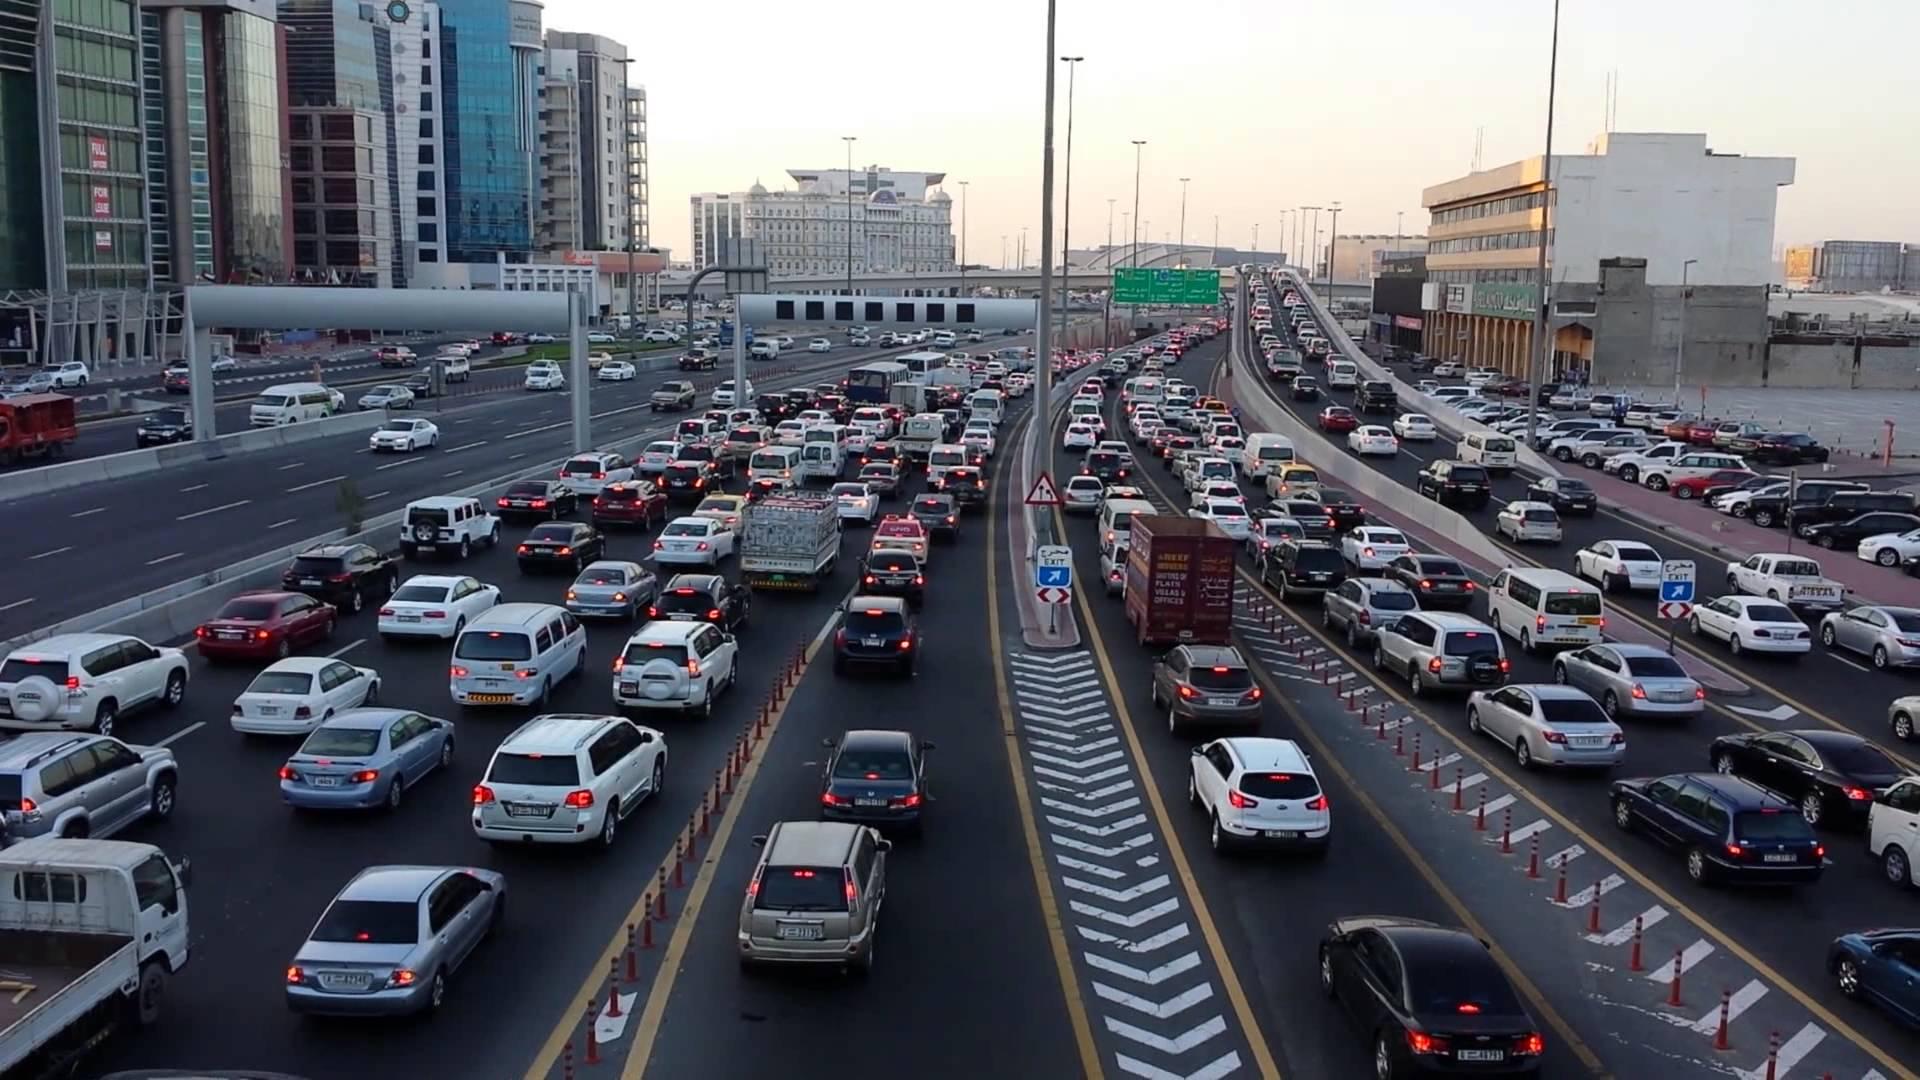 اهم وافضل الشوارع الحيوية فى مدينة دبى | الشوارع الحيوية فى دبى الامارات